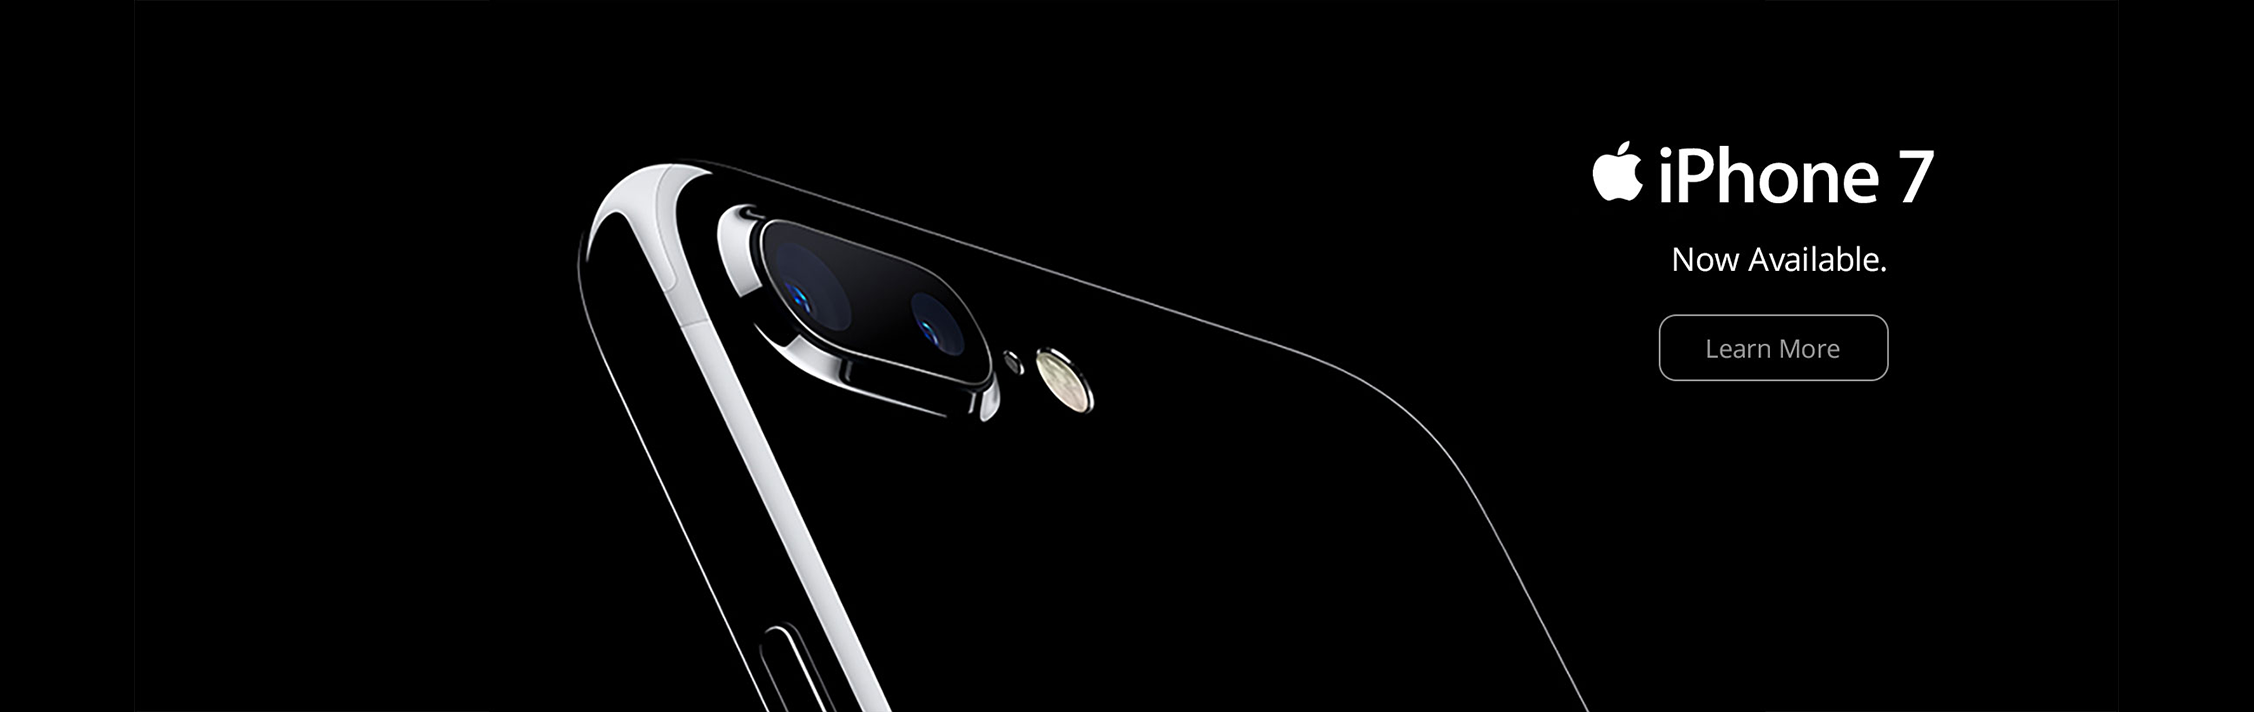 TELUS Apple iPhones 7 and 7 Plus